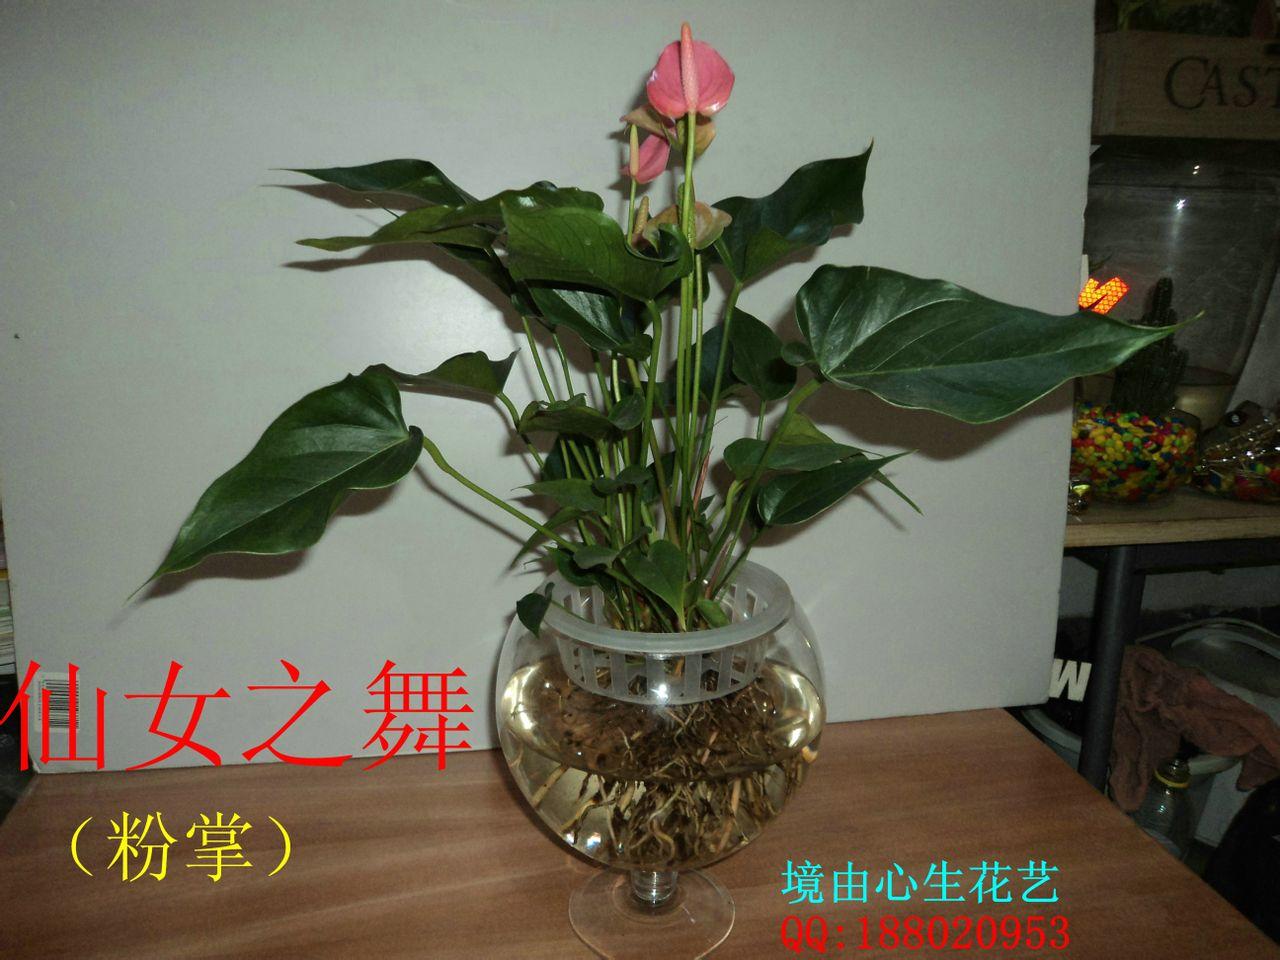 常见的家养花种类_2014常见花卉名称和图片常见花卉图片及名称 花卉图片及名称大全 ...